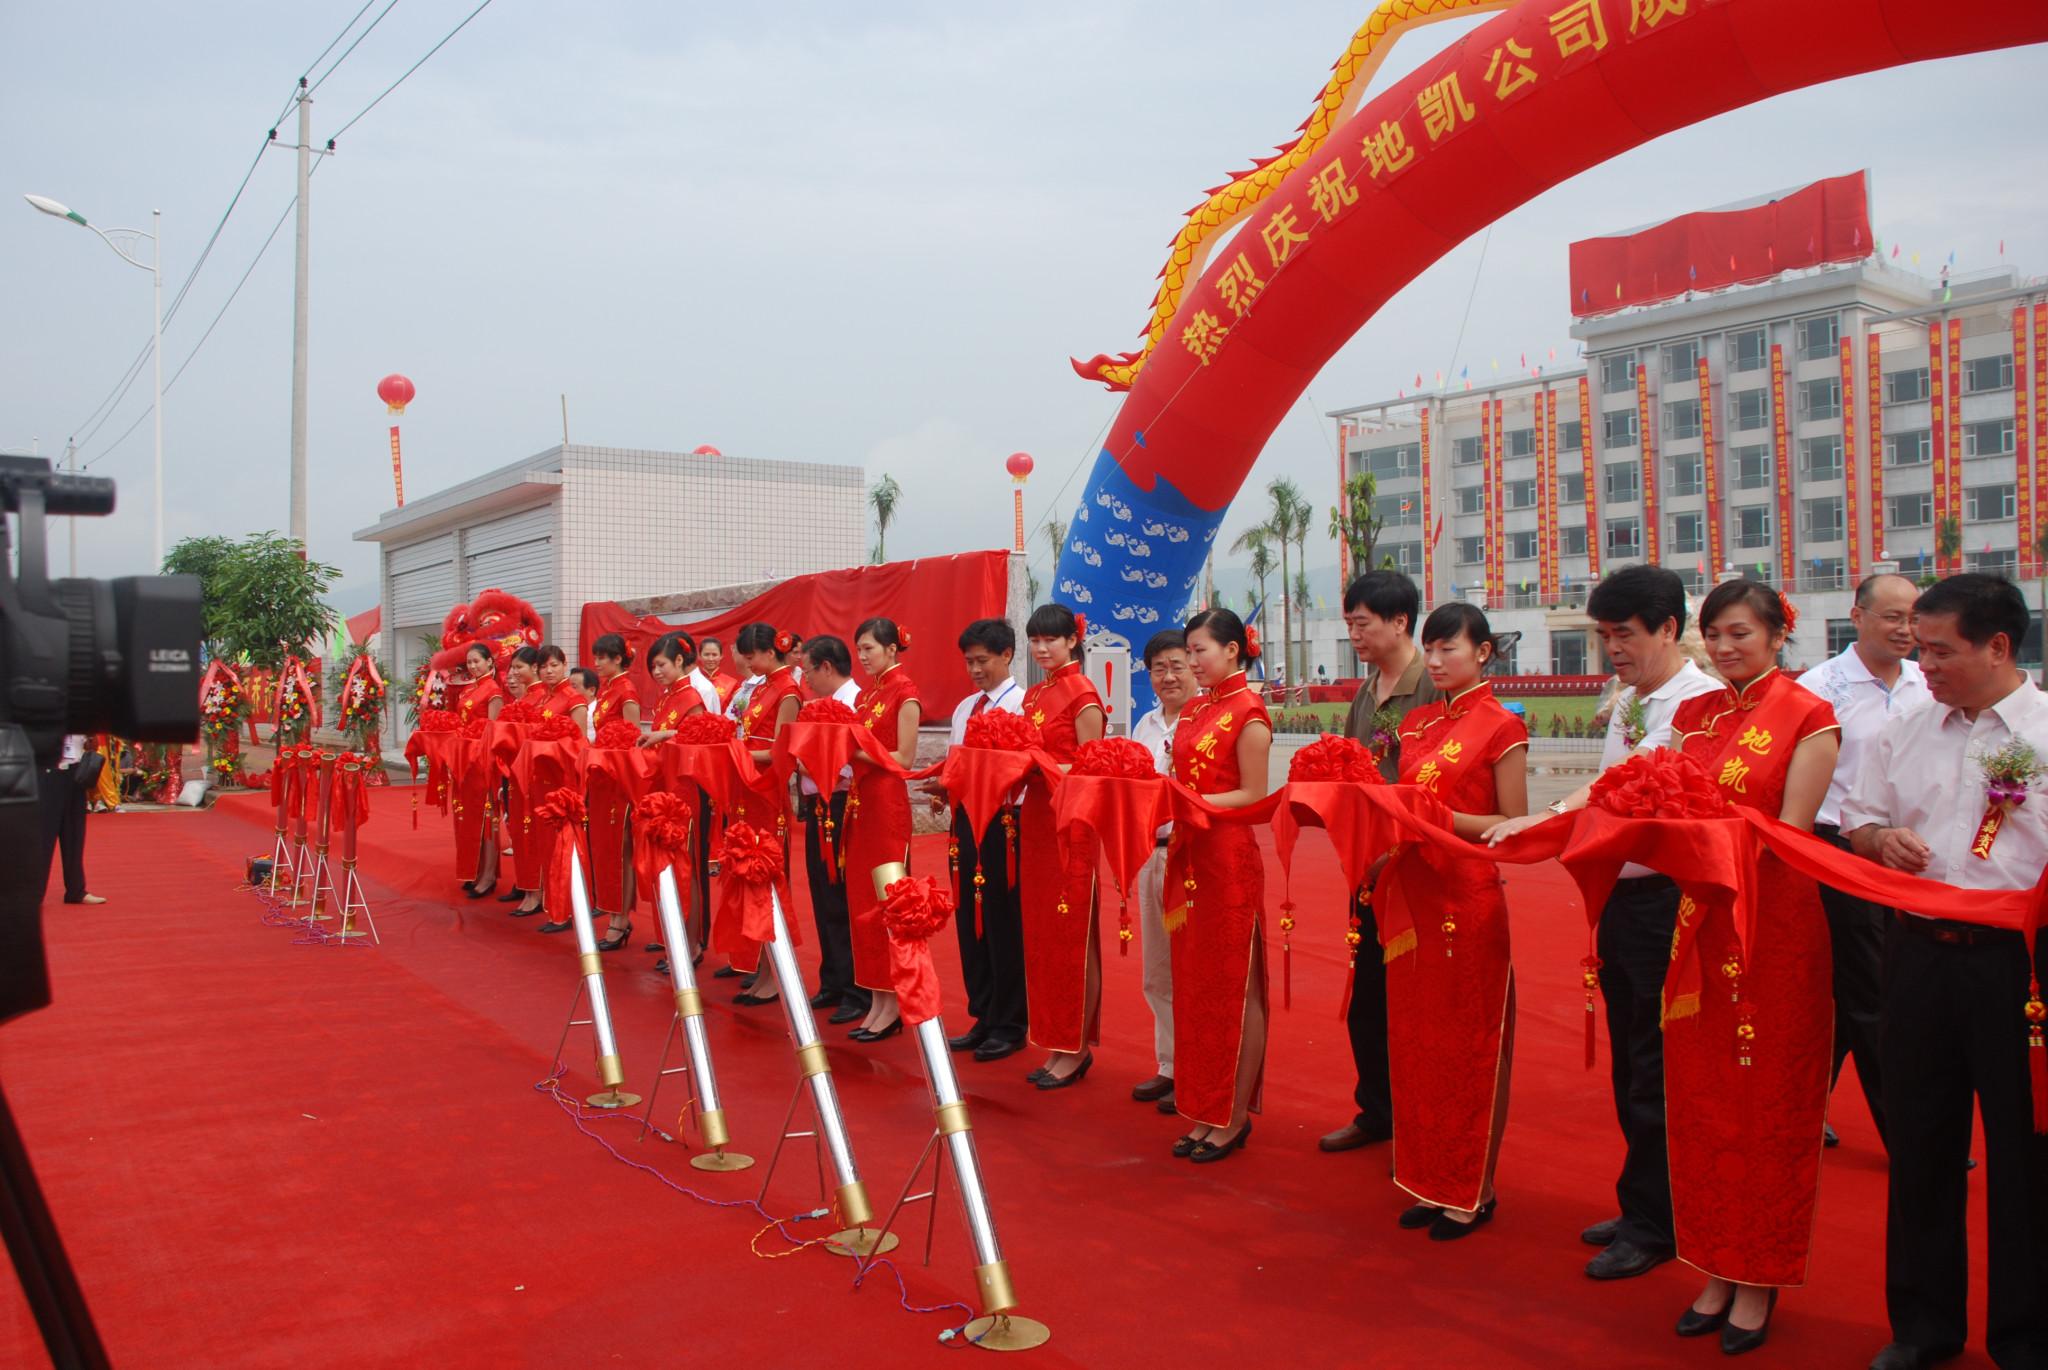 11-3 20周年庆典剪彩(2009年6月)